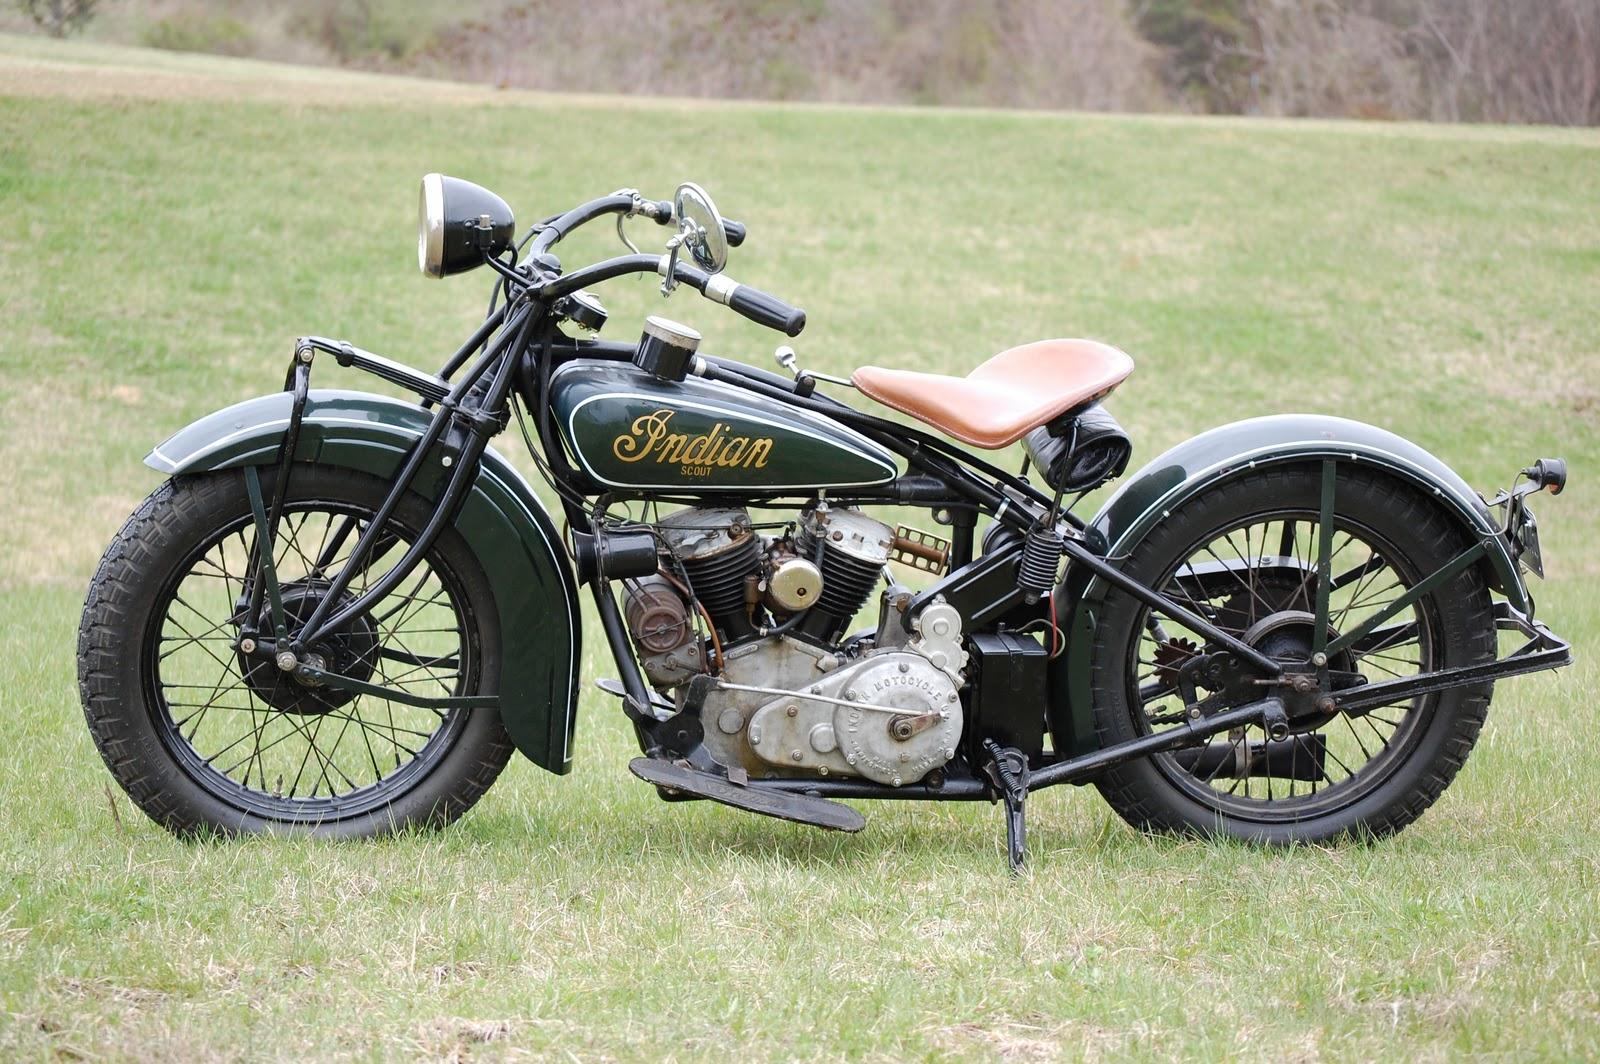 1929+Indian+101+Scout+45+cu.+in.+750+cc4